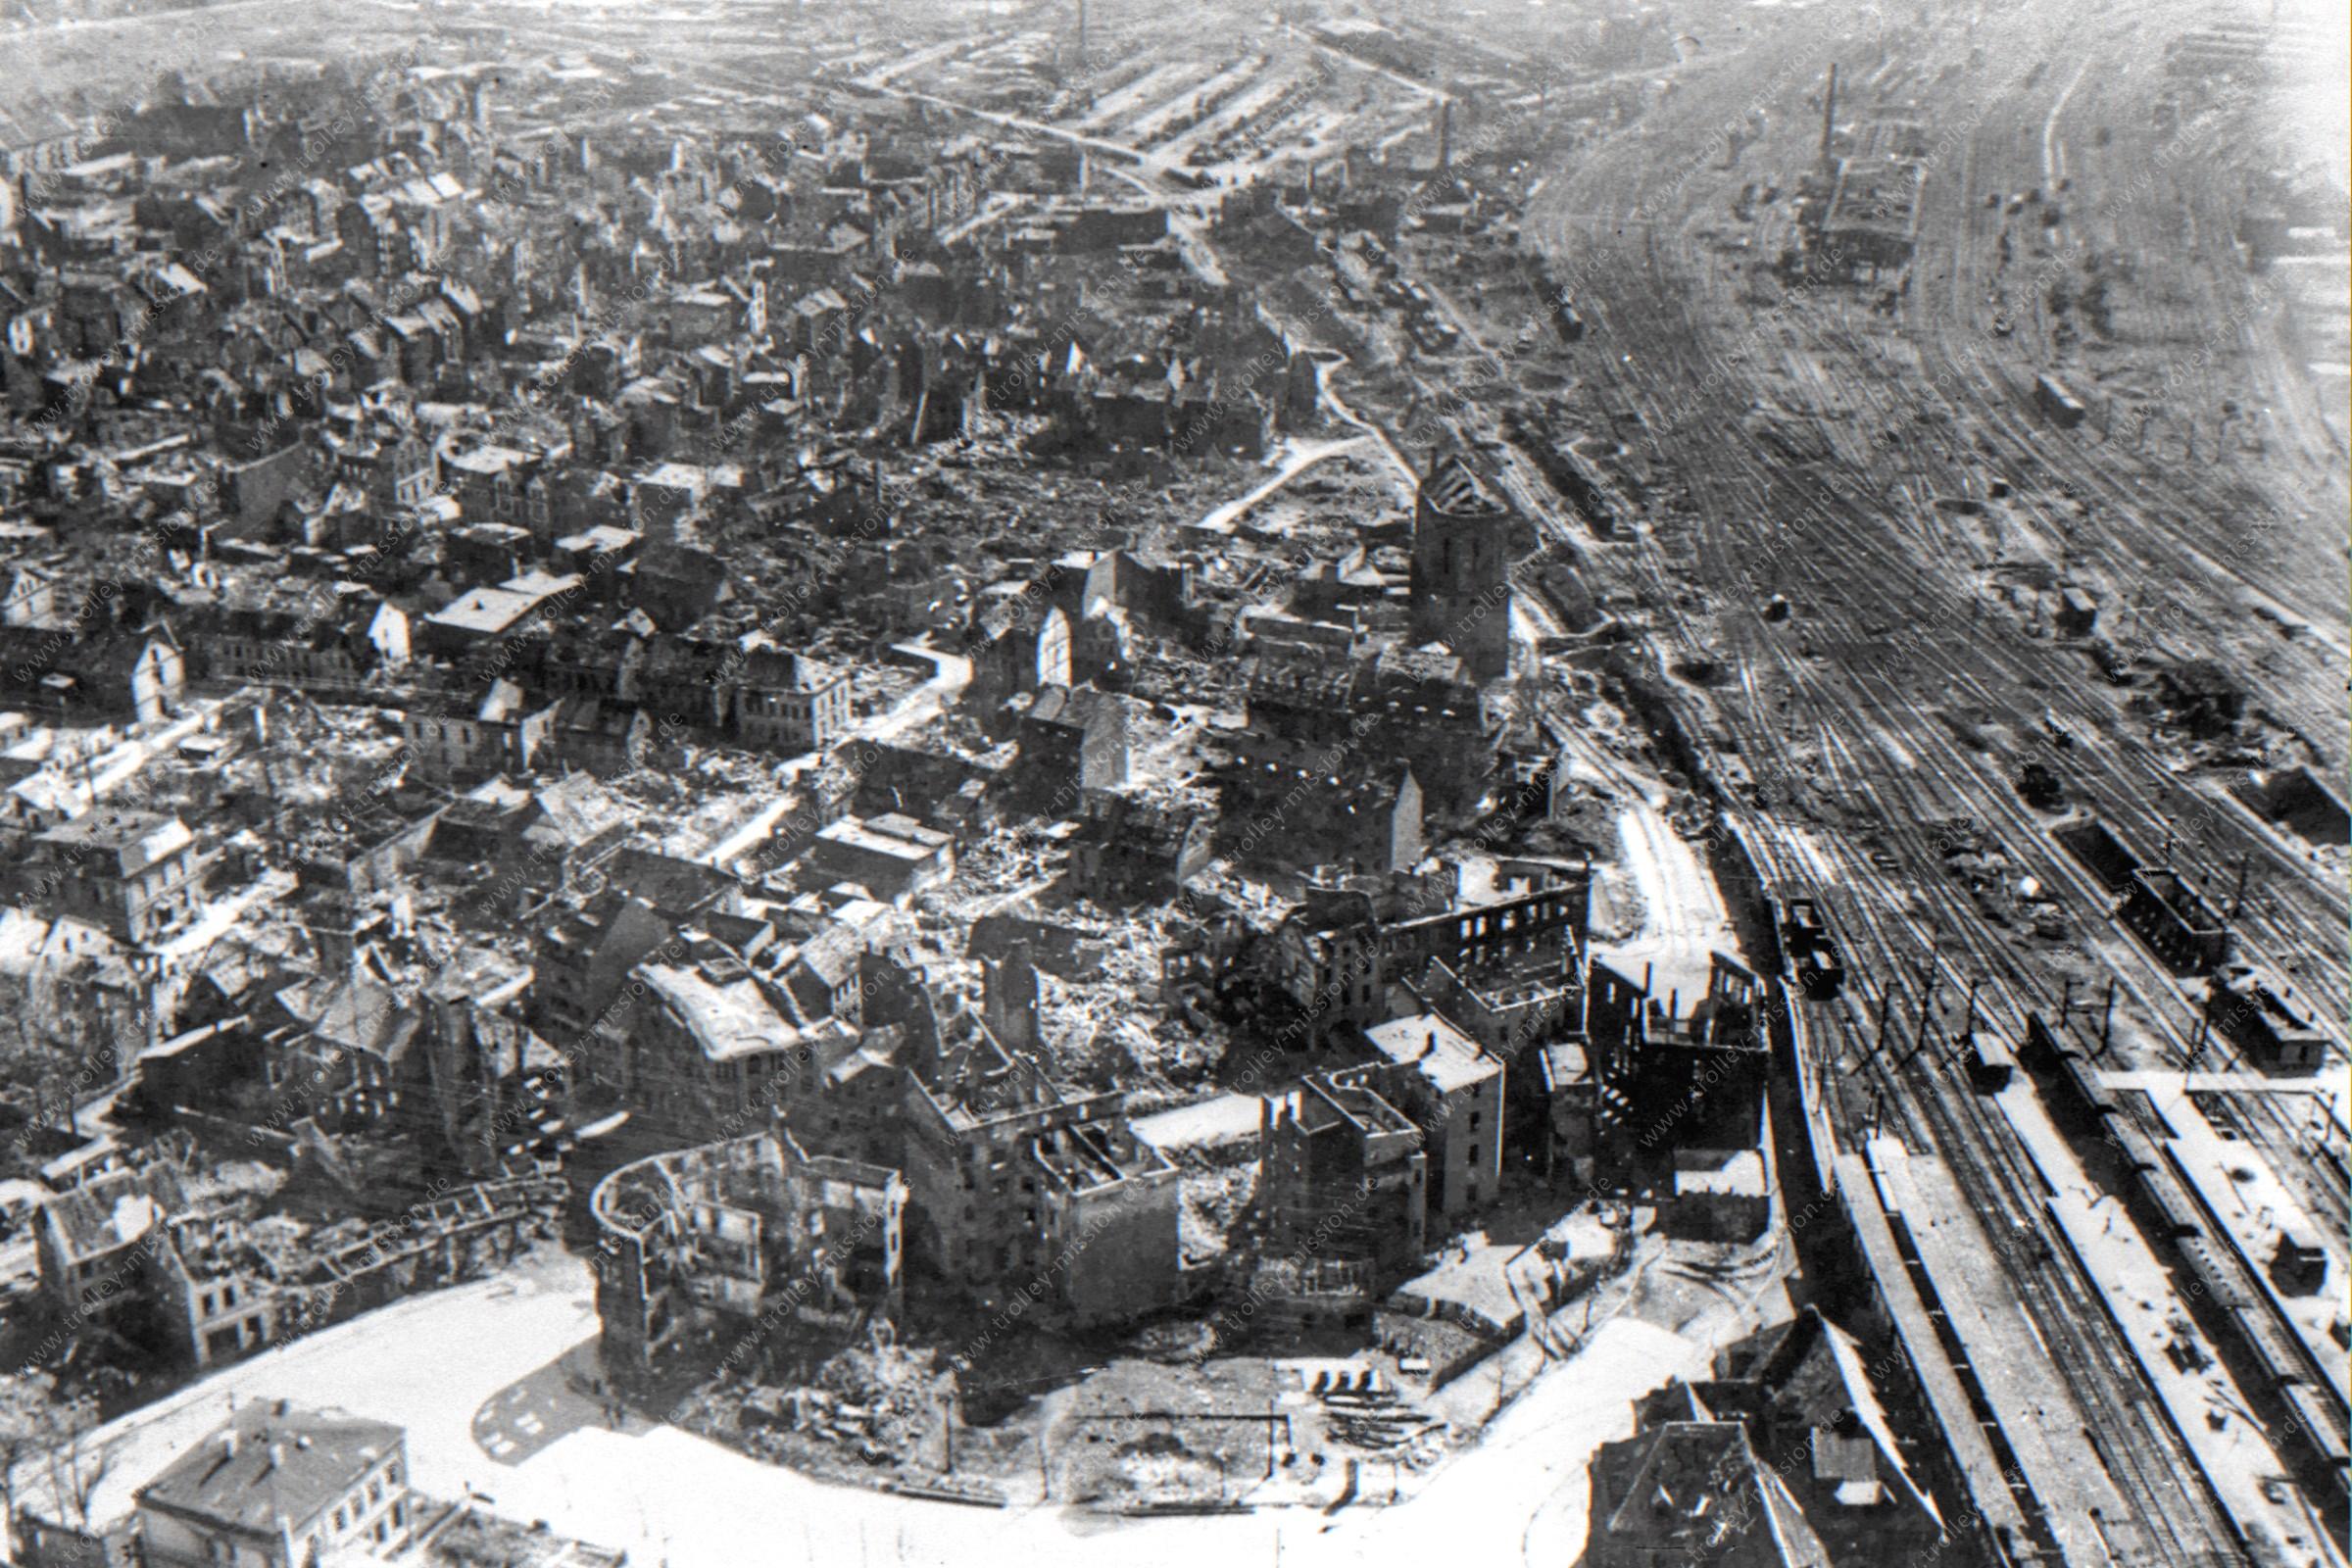 Historisches Luftbild von Hamm mit Hauptbahnhof und Eisenbahn-Gleisen am Schwarzen Weg